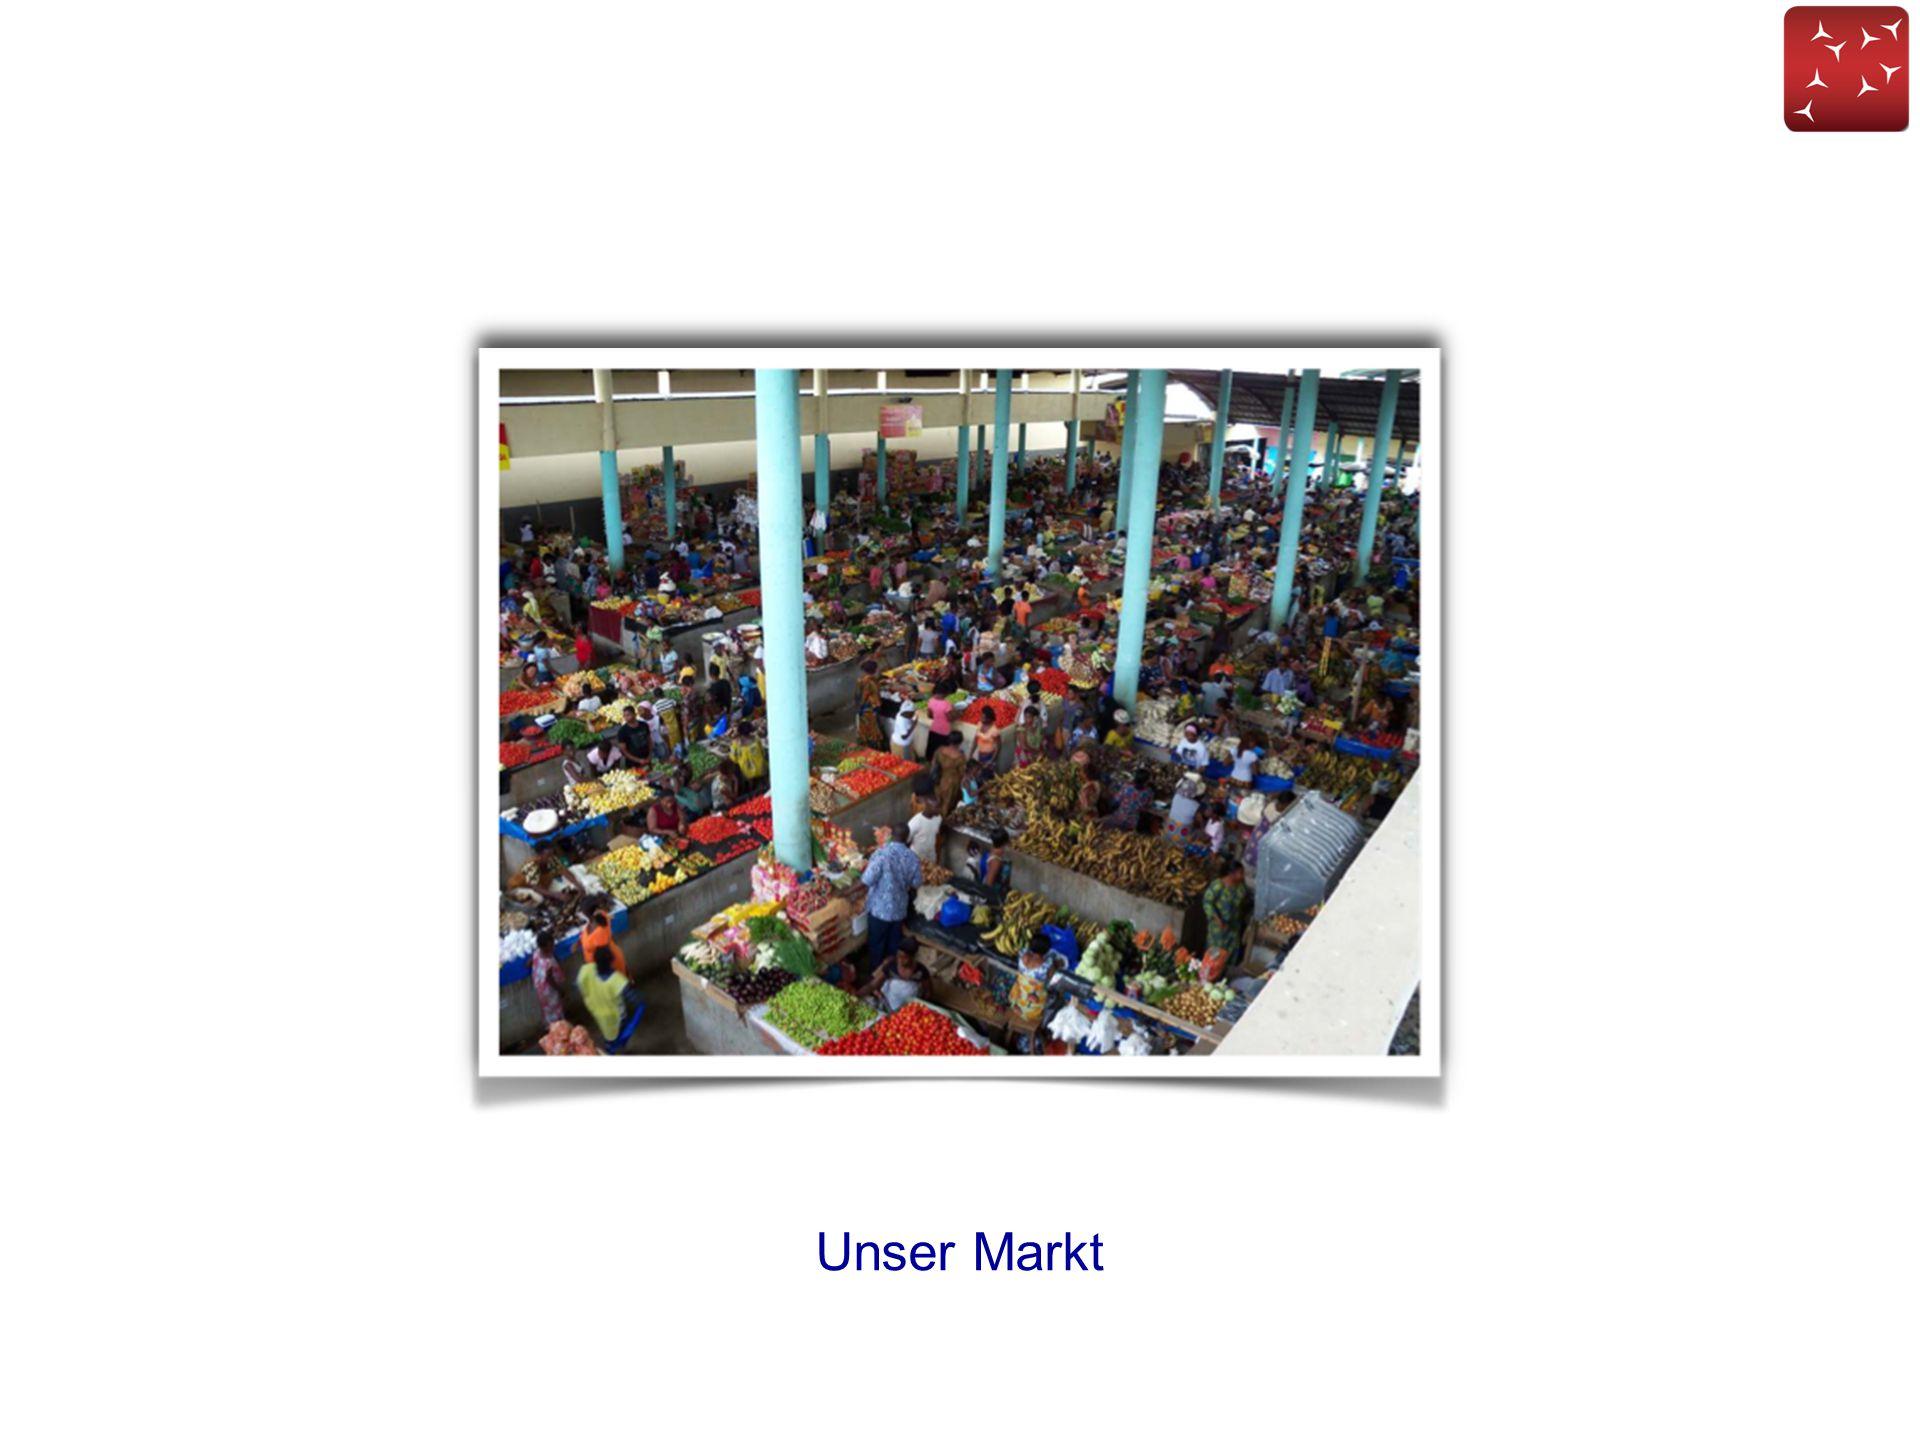 Unser Markt